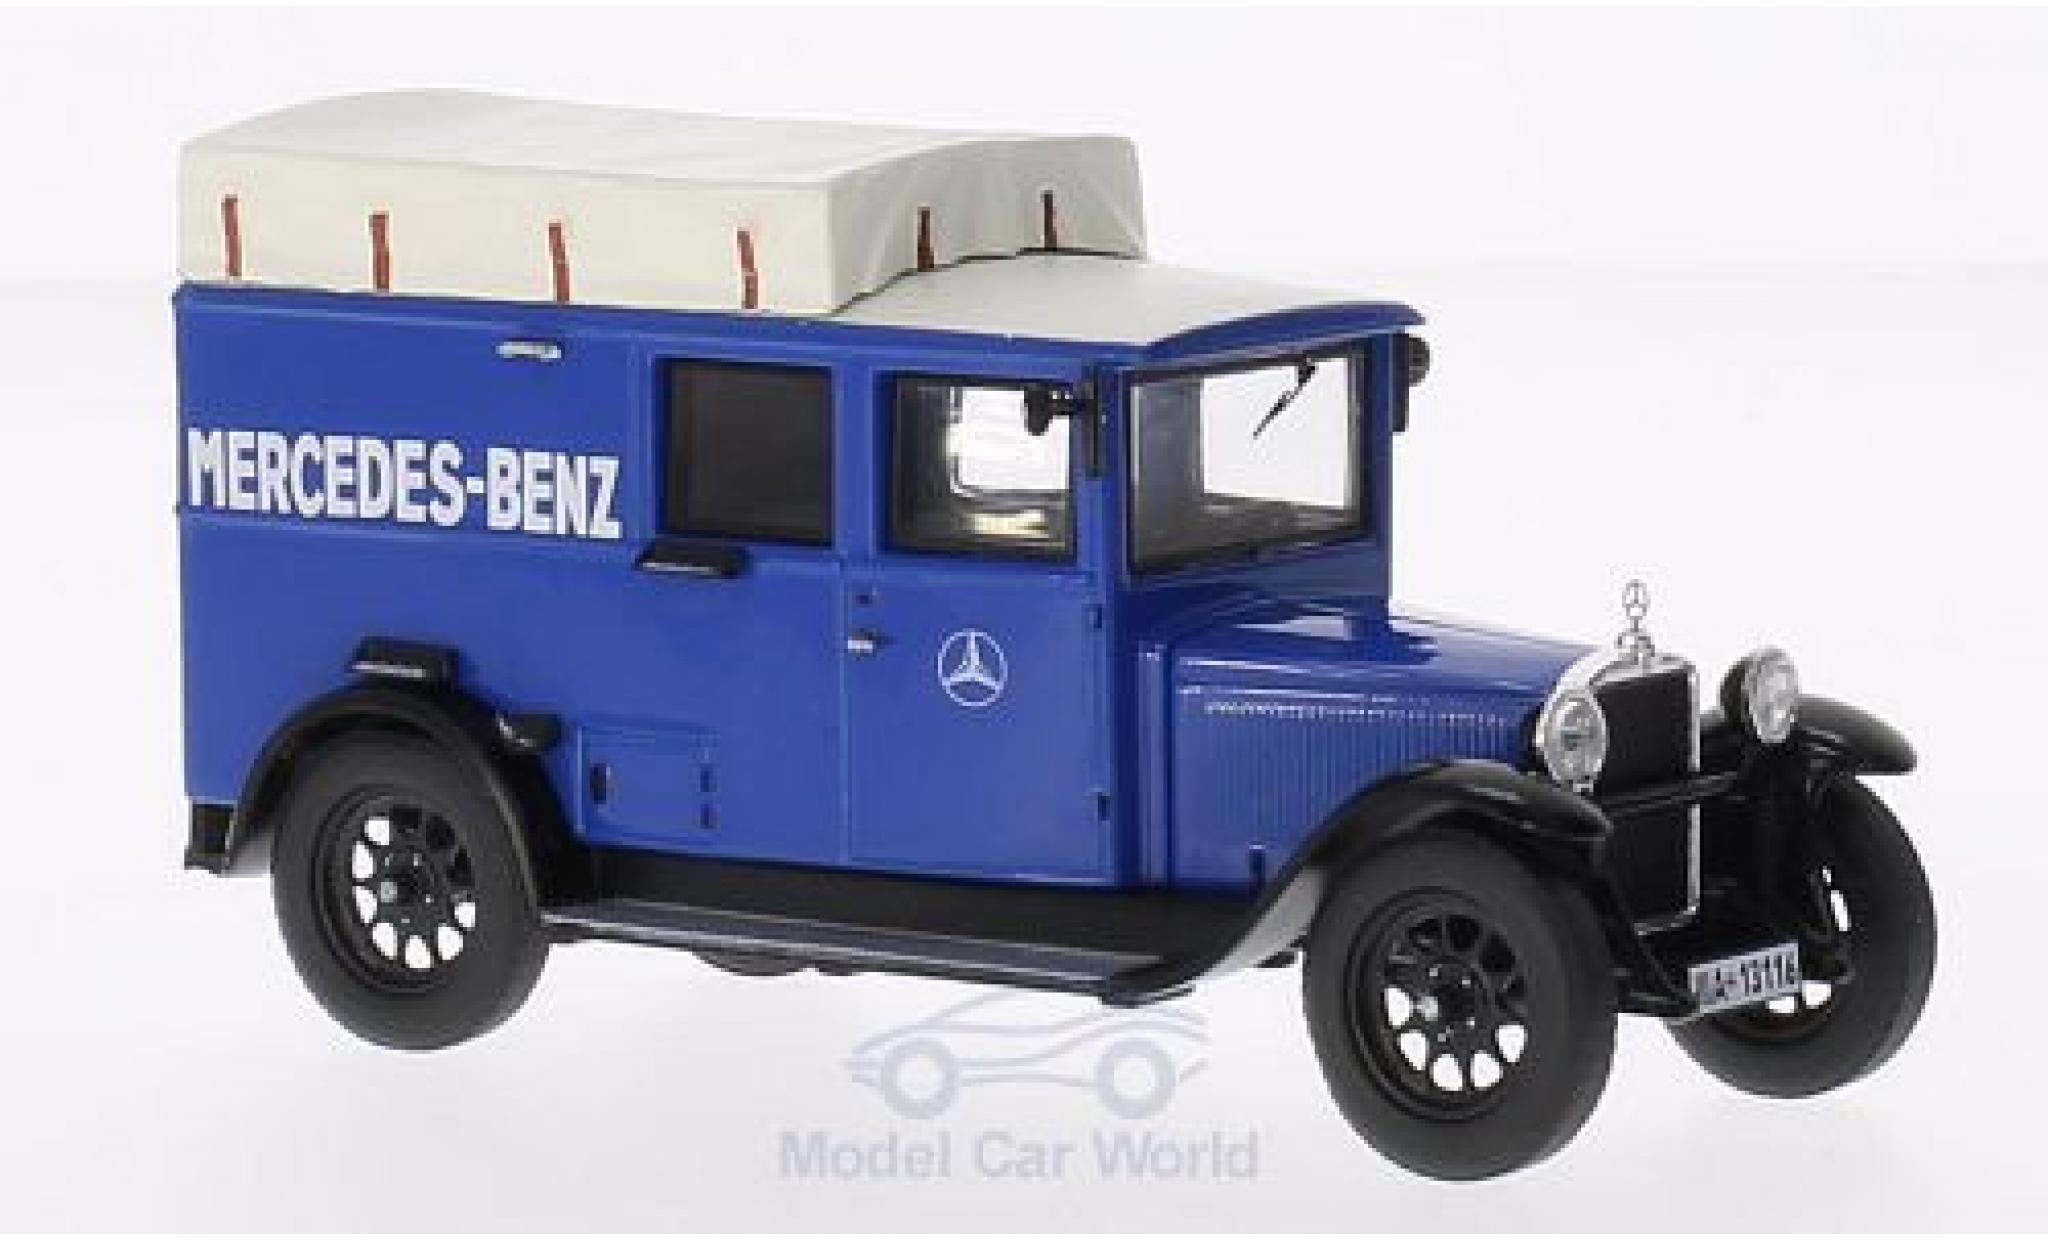 Mercedes L1000 1/43 Premium ClassiXXs Express bleue MB-Kundendienst (mit Fenster)